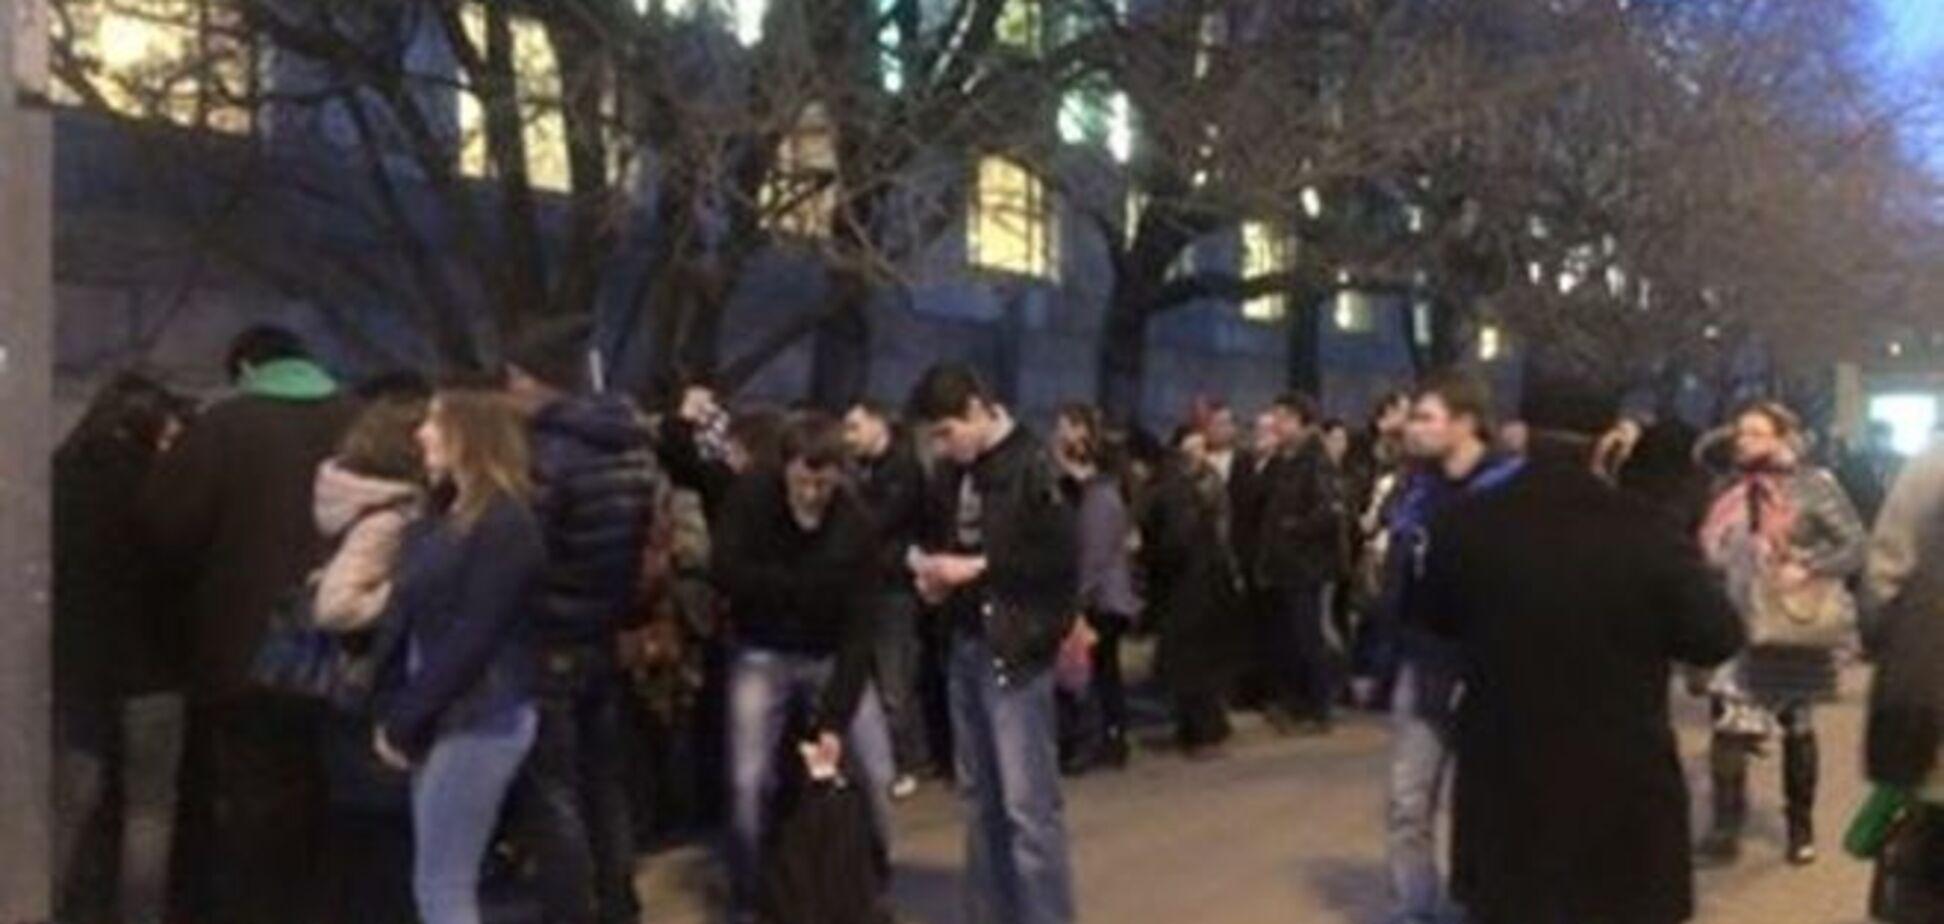 Москвичі вишикувалися в чергу за грошима після 'кримського шабашу': фотофакт